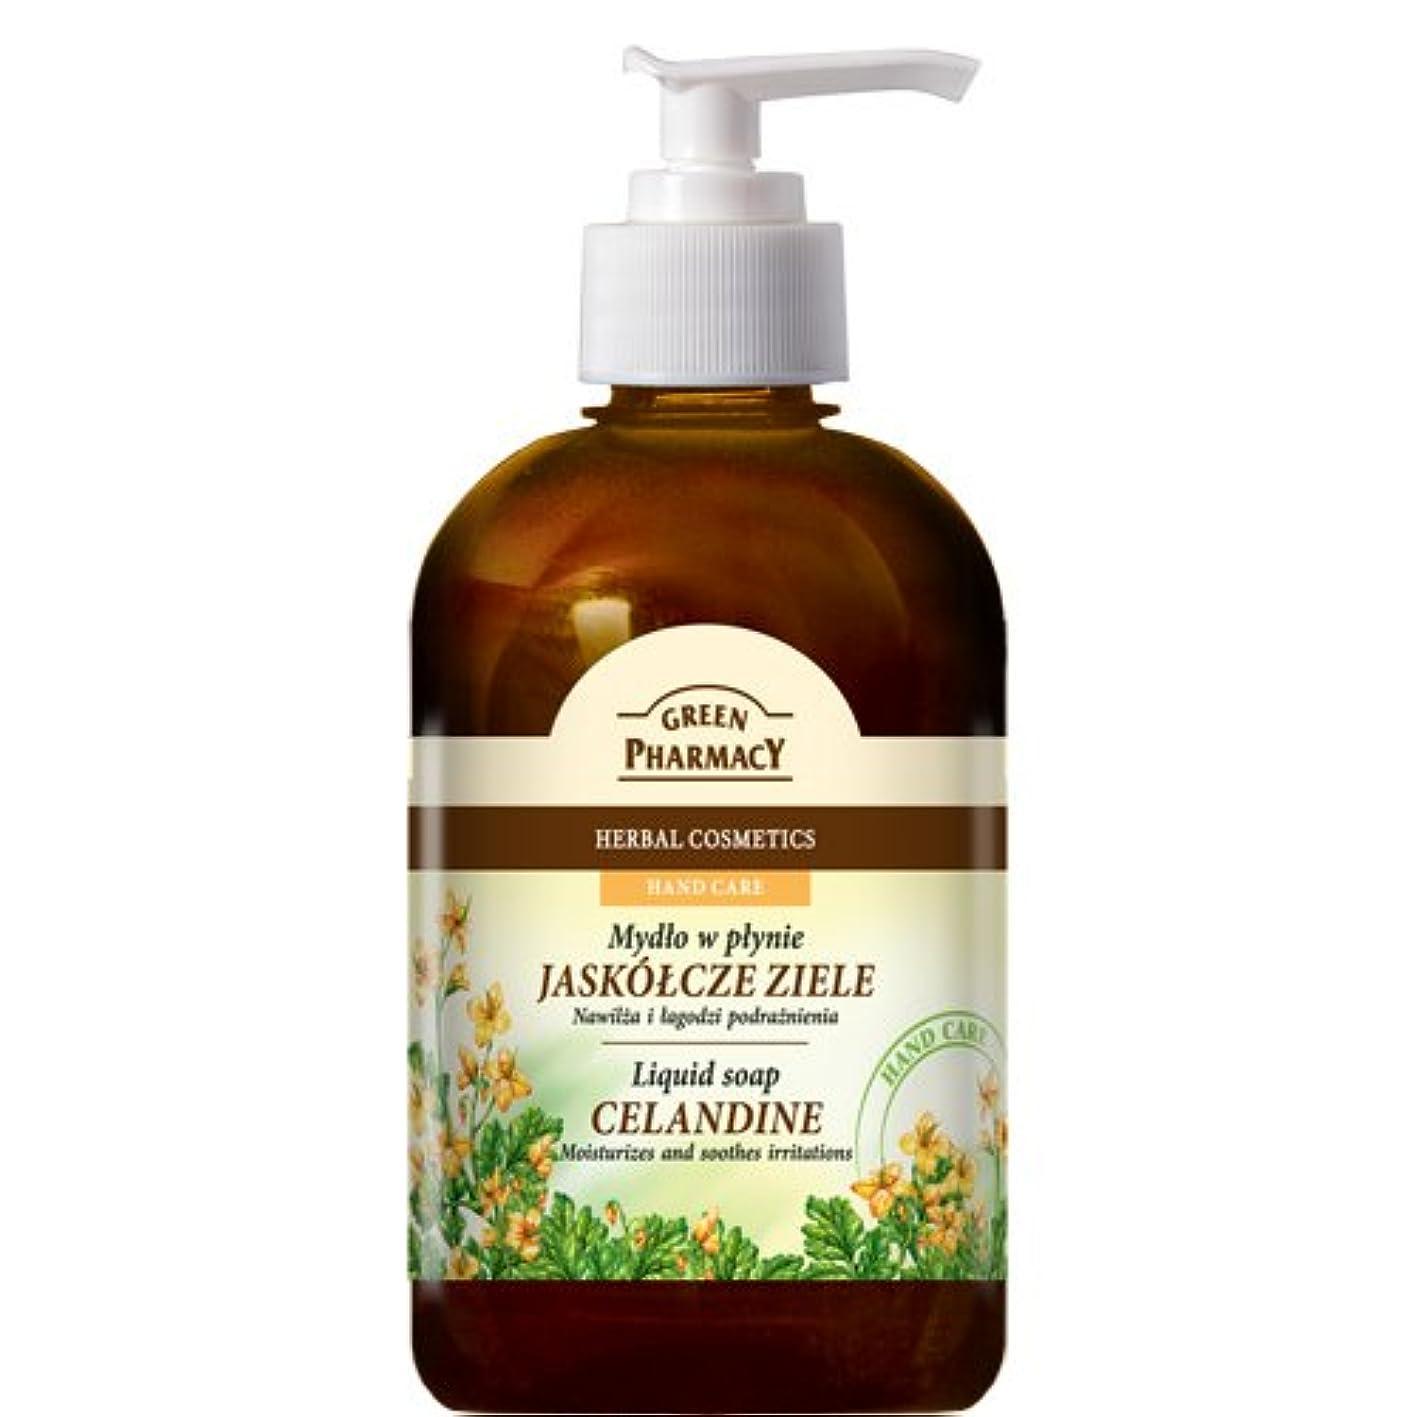 書き出す伝説できればElfa Pharm Green Pharmacy グリーンファーマシー Liquid Soap リキッドソープ Celandine クサノオウ